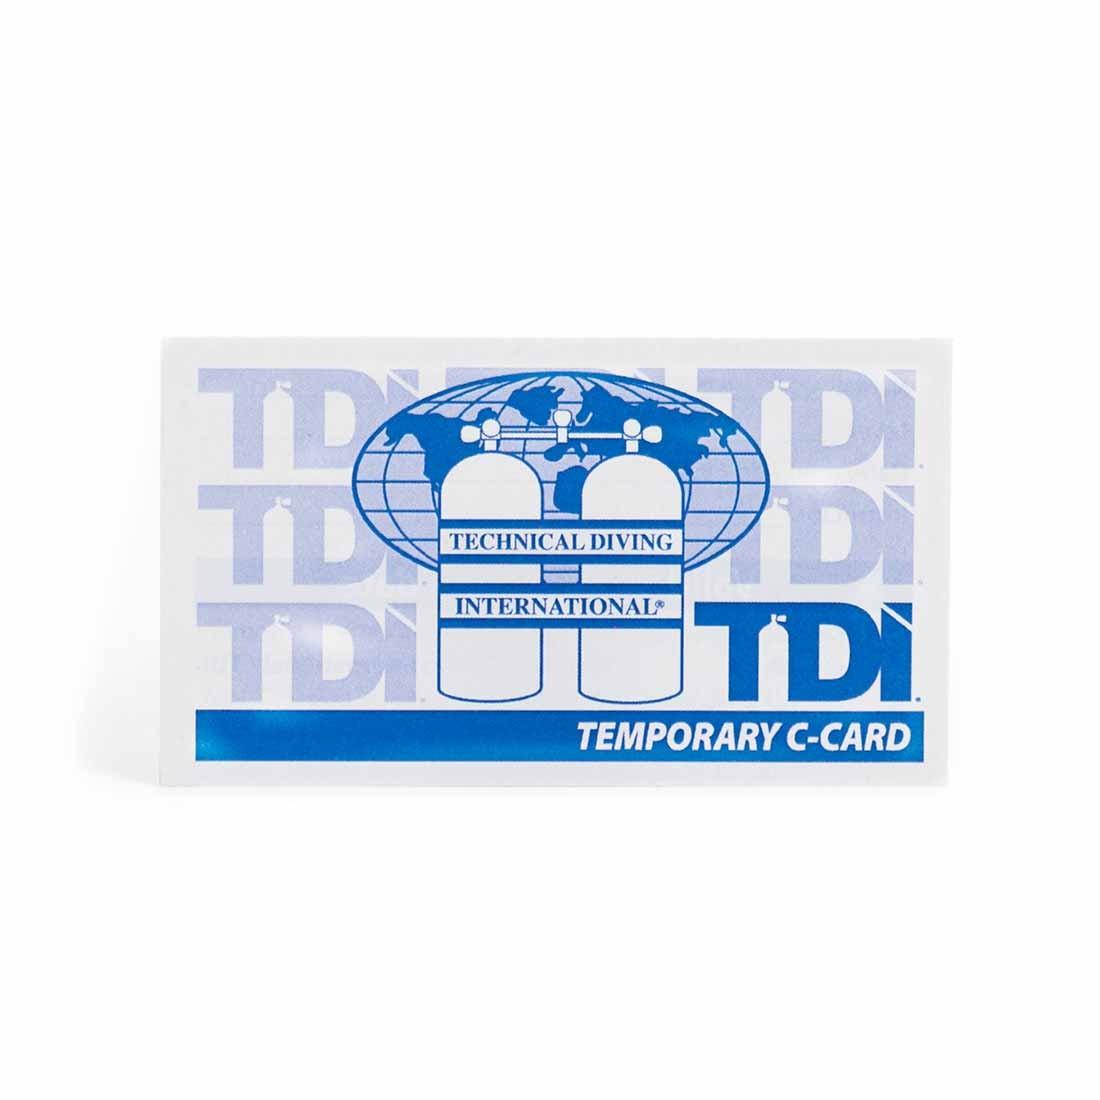 Tdi Temporary Card Saguaro Scuba